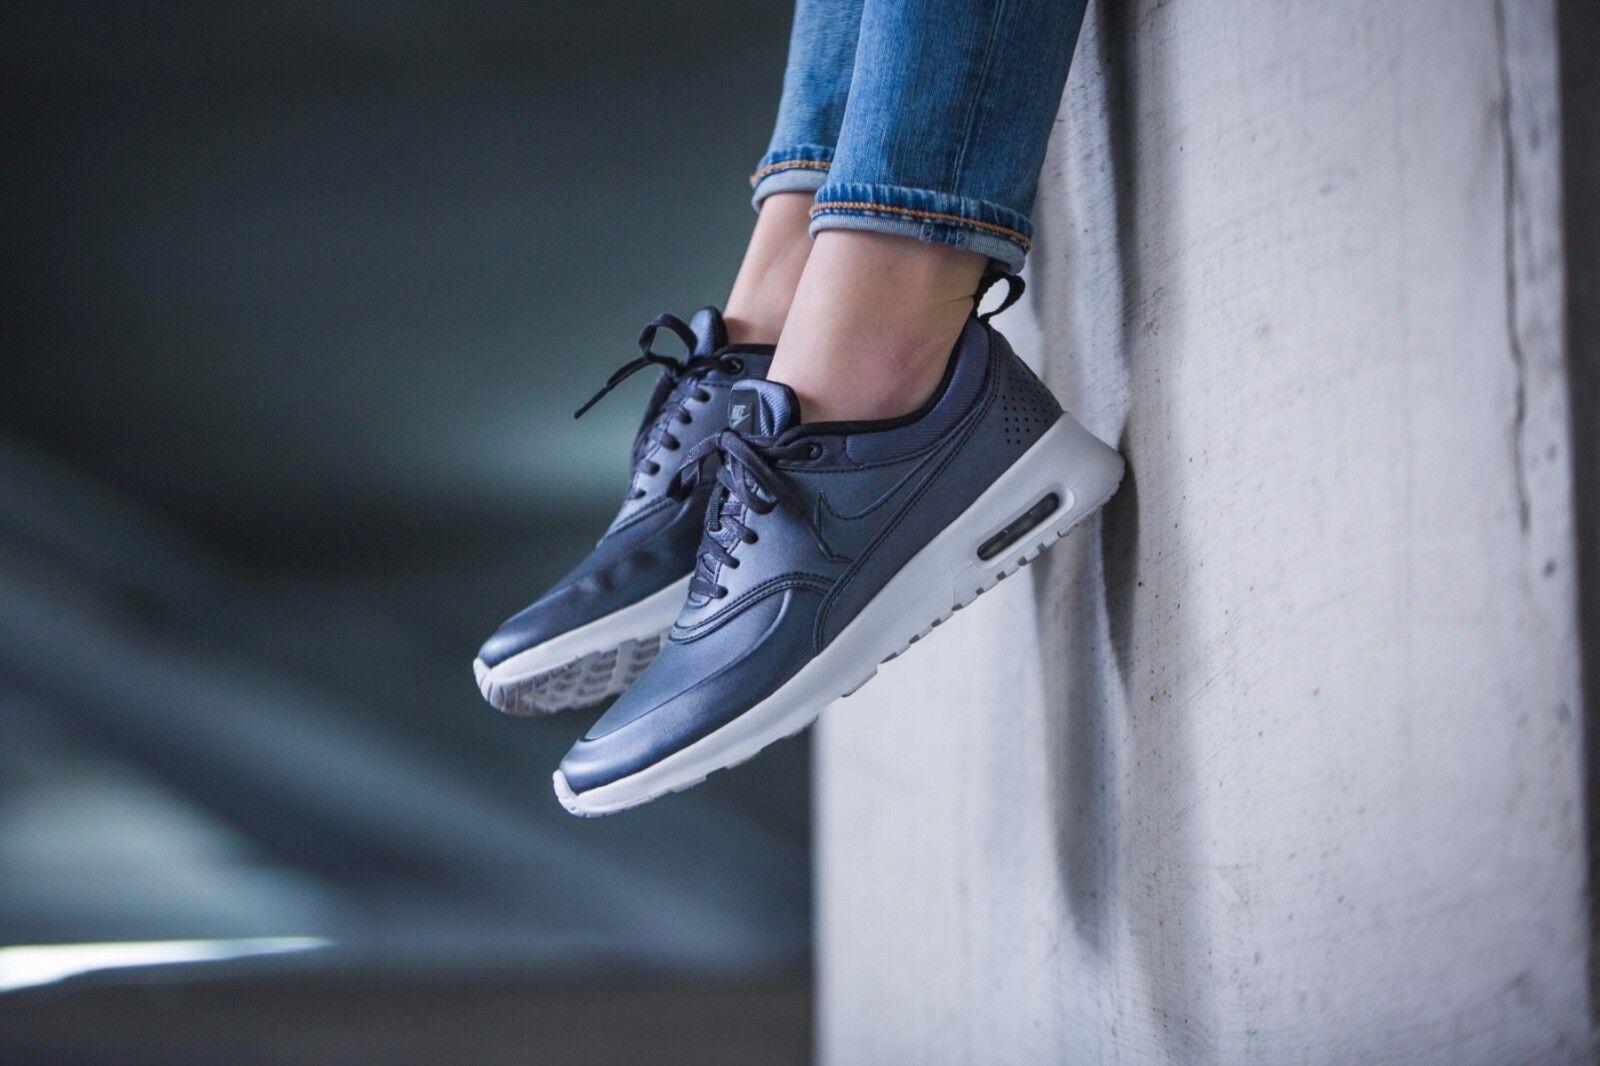 Nike Air Max Thea SE  Wmn Size 7 861674-002 Metallic Hematite & White